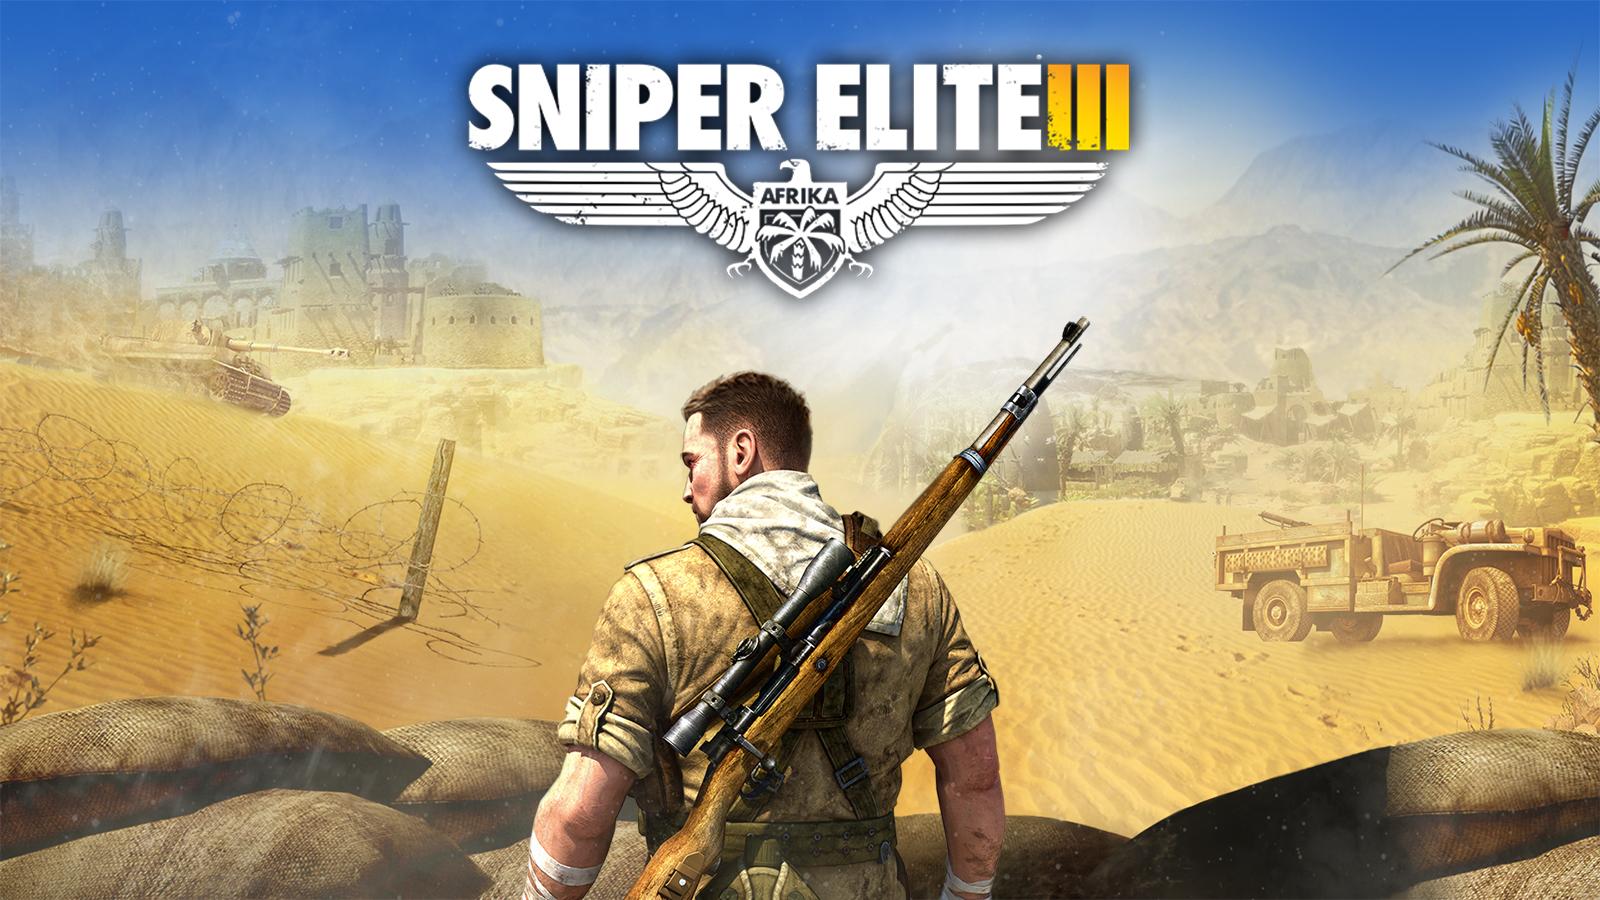 Sniper Elite V2 Directx 11 Patch - revizionbrooklyn